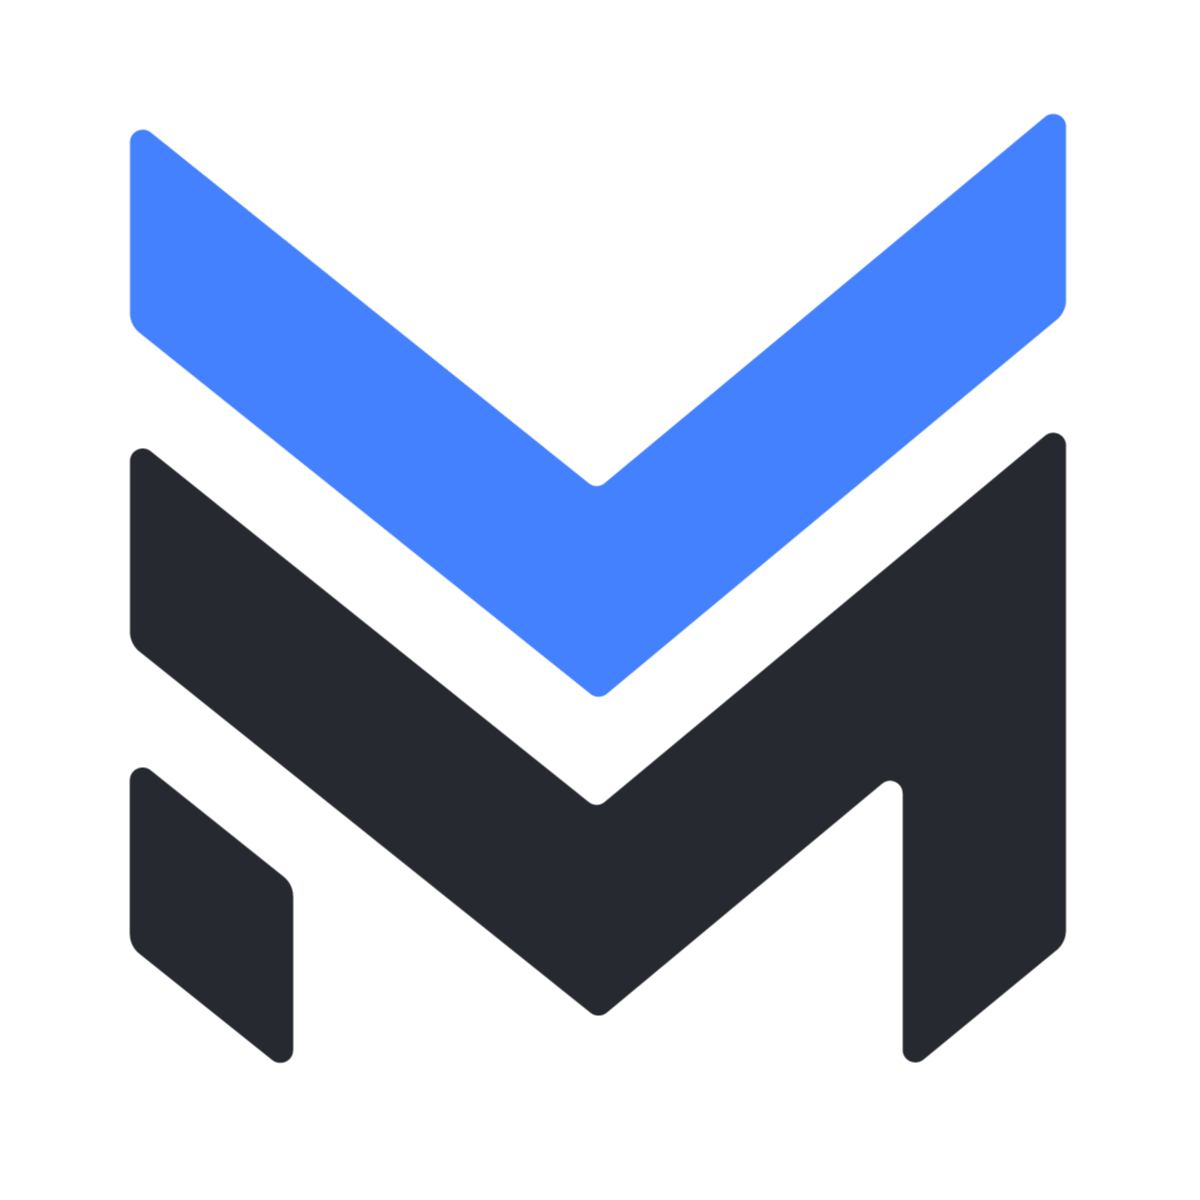 Logo Marketing Miner